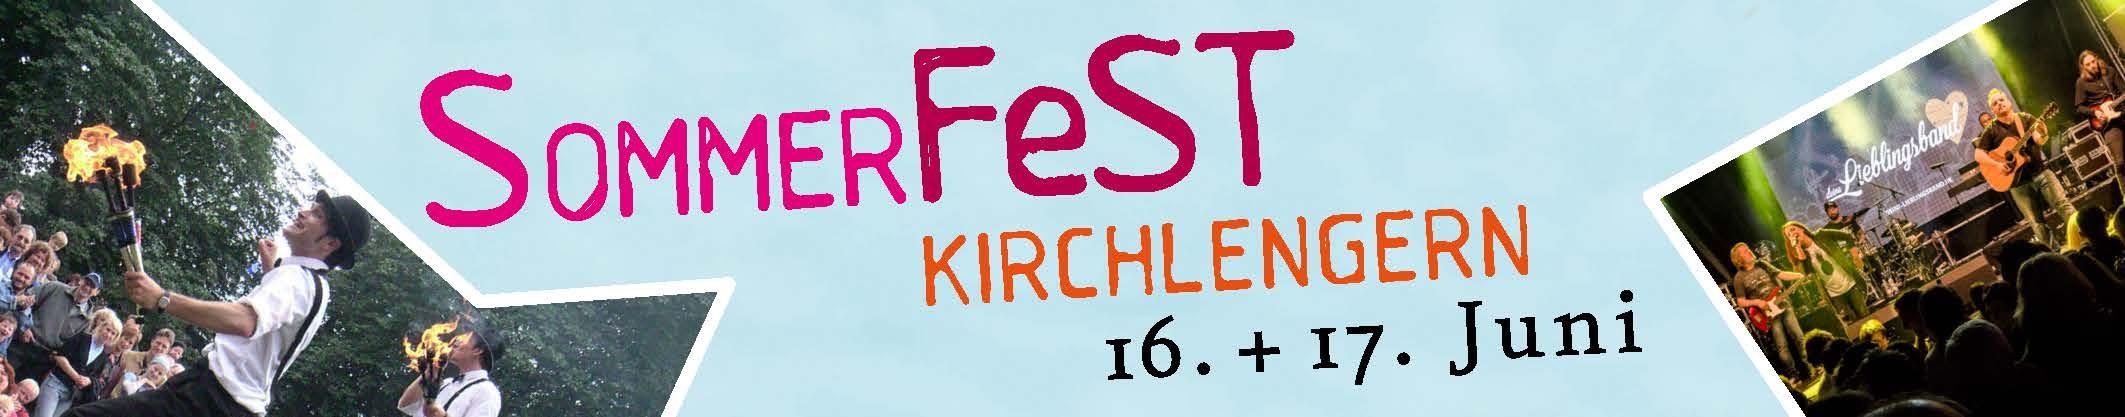 Sommerfest Banner 2018